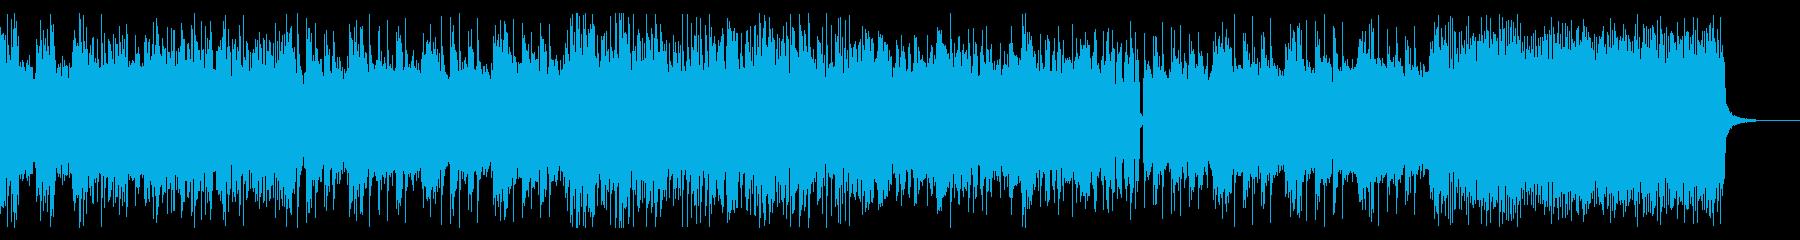 重厚なメタル、キャッチーなリフの再生済みの波形